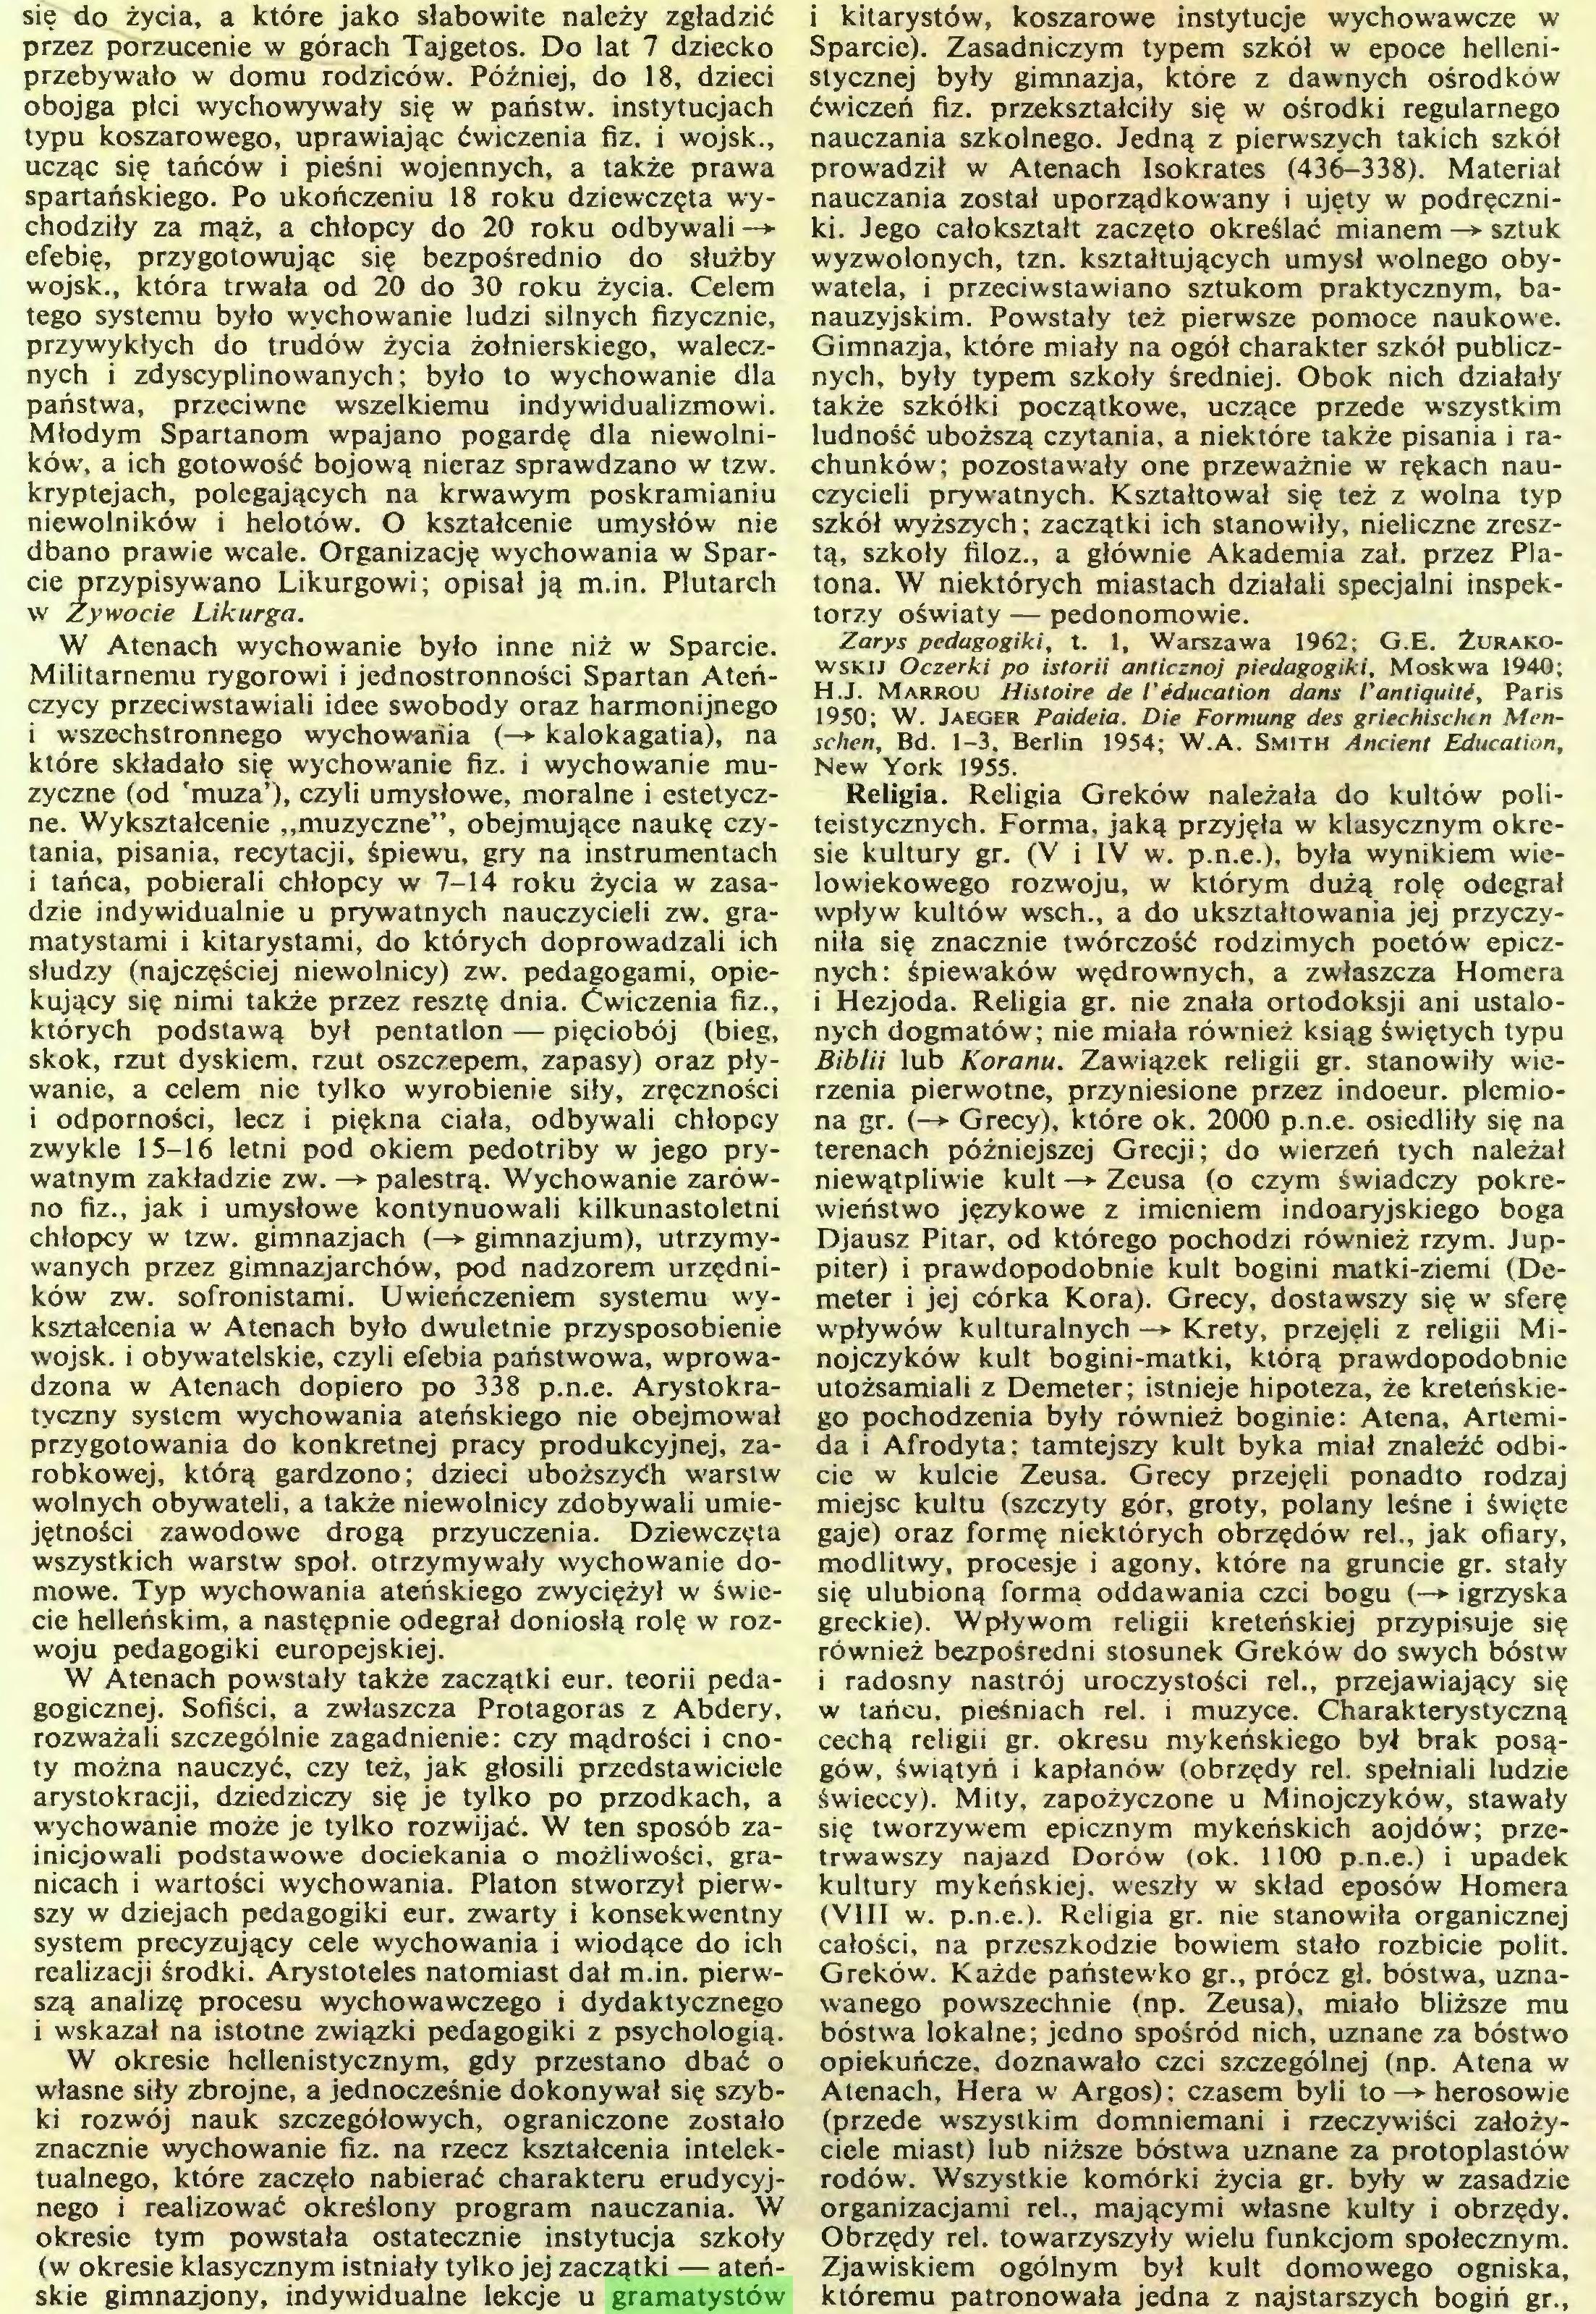 (...) nego i realizować określony program nauczania. W okresie tym powstała ostatecznie instytucja szkoły (w okresie klasycznym istniały tylko jej zaczątki — ateńskie gimnazjony, indywidualne lekcje u gramatystów i kitarystów, koszarowe instytucje wychowawcze w Sparcie). Zasadniczym typem szkół w epoce hellenistycznej były gimnazja, które z dawnych ośrodków ćwiczeń fiz. przekształciły się w ośrodki regularnego...